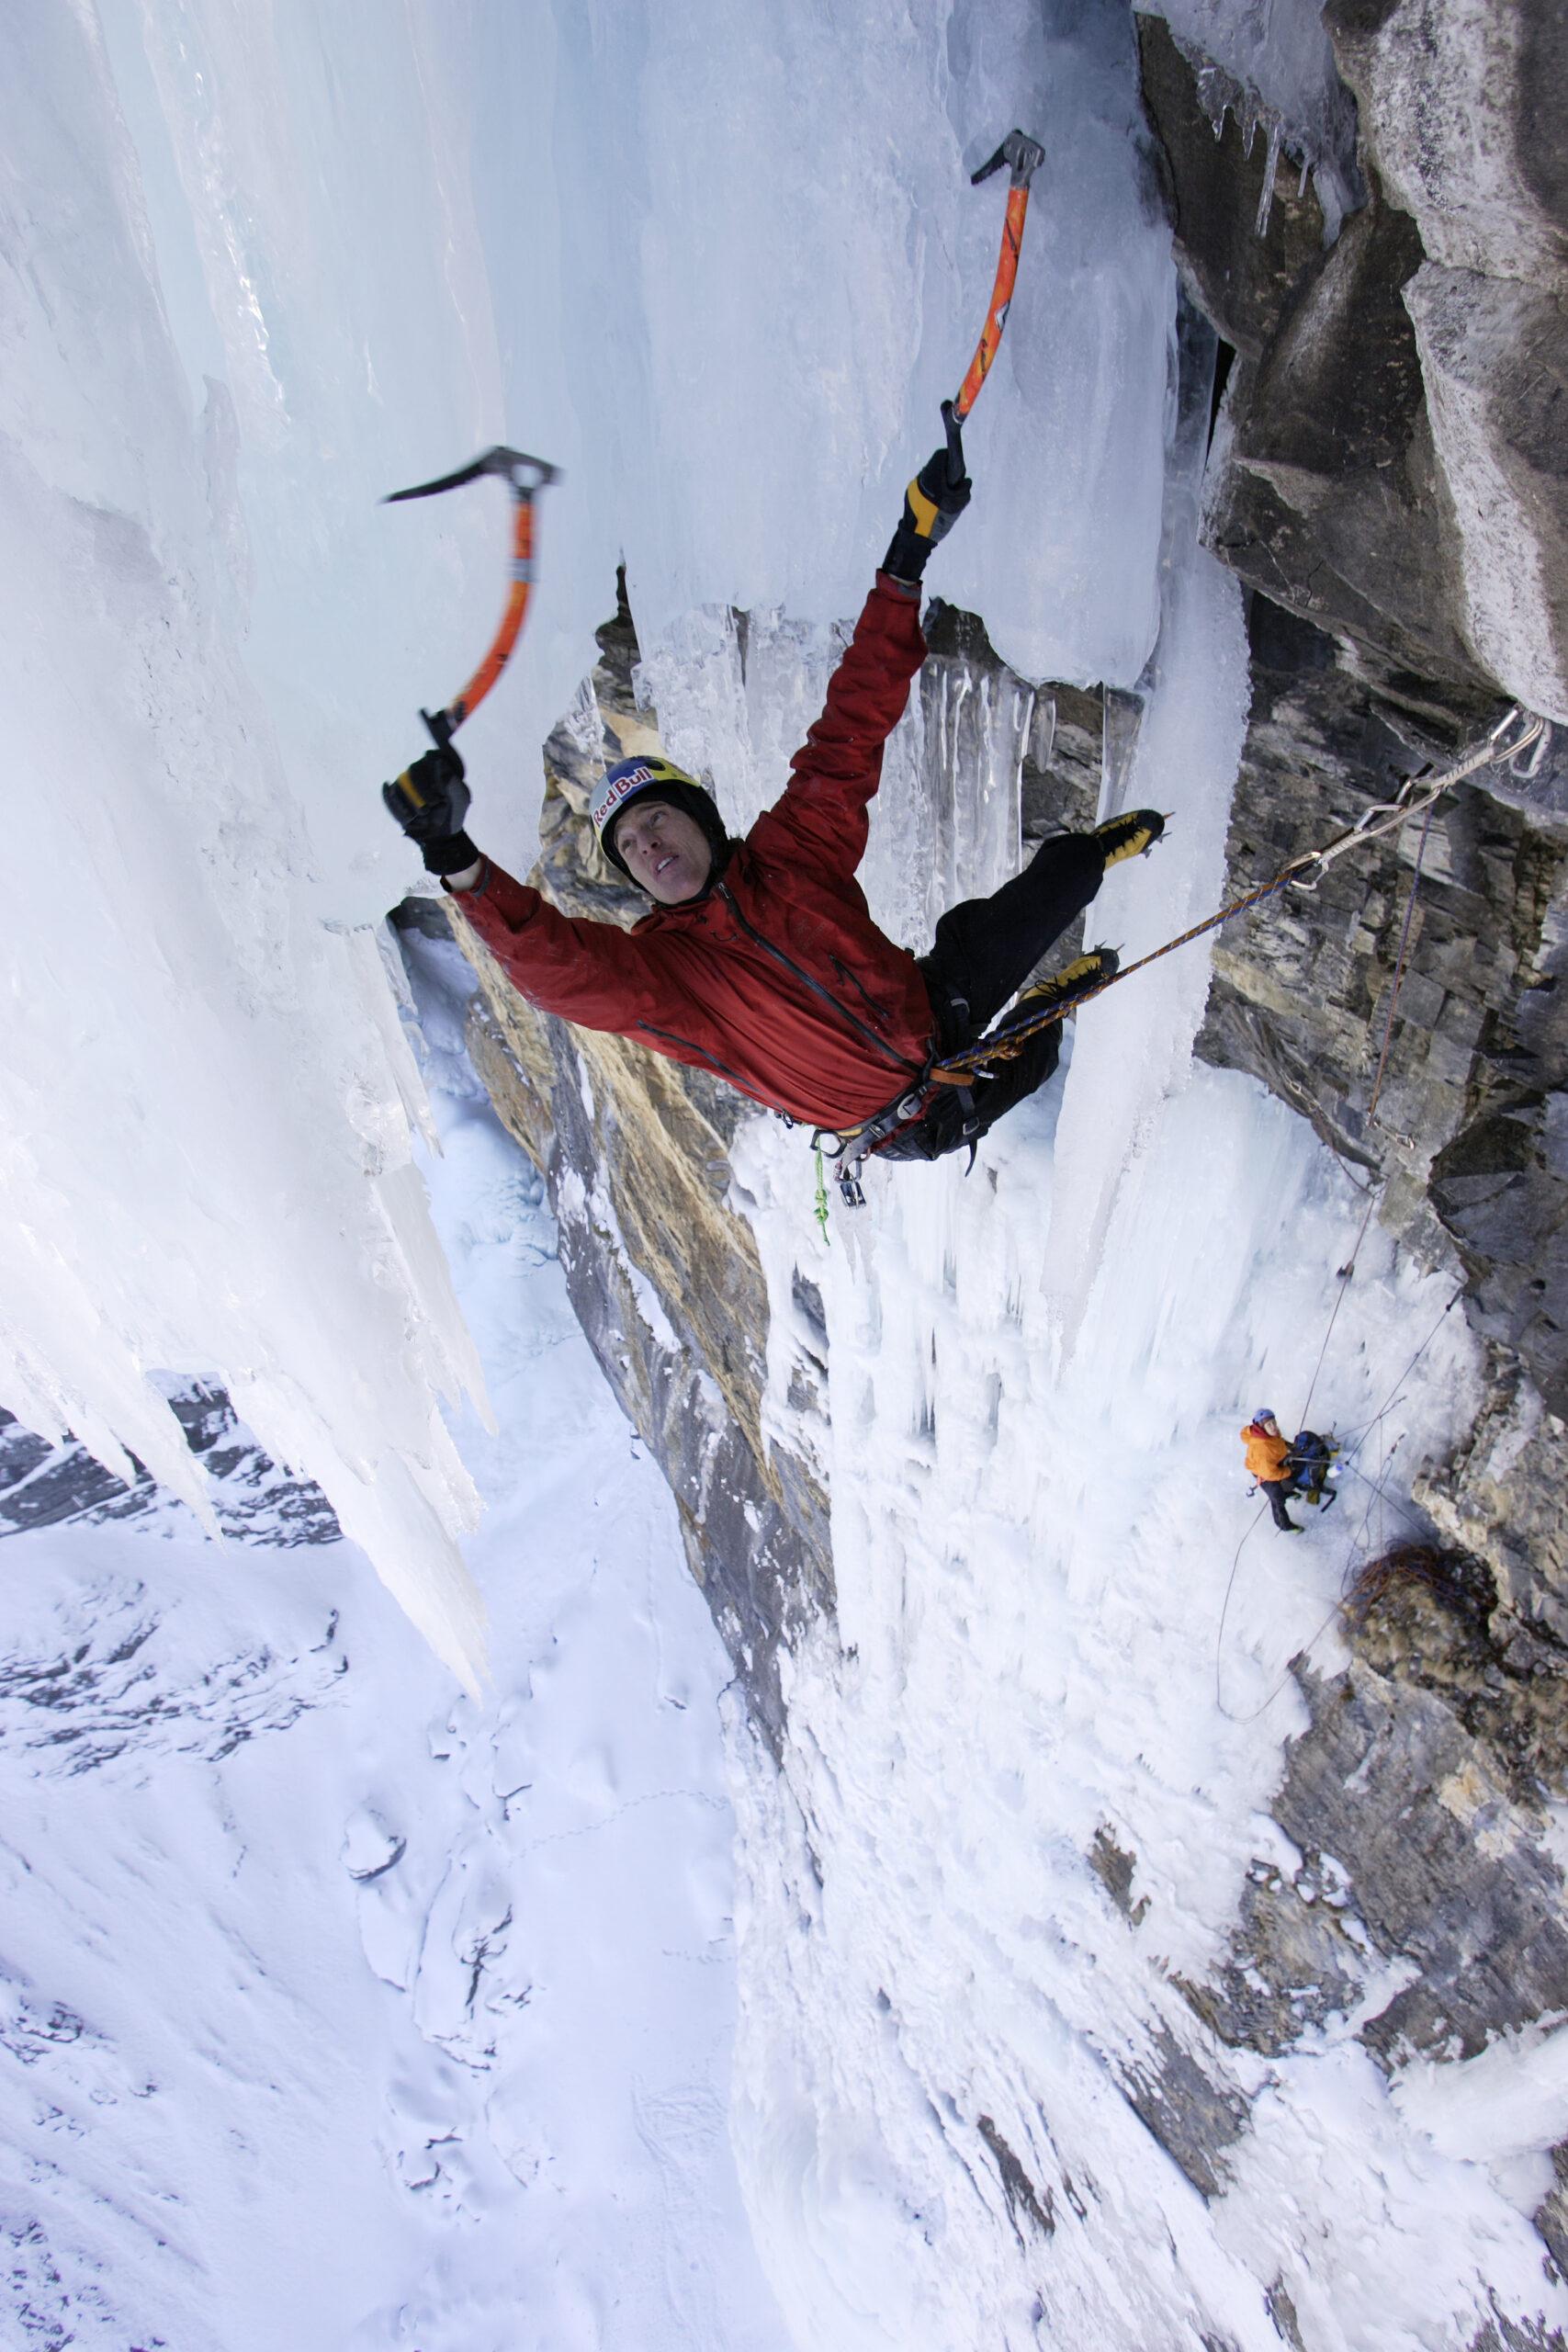 """Photographer: Klaus Fengler Athletes: Will Gadd, Ines Pappert Location: Route """"Mach 3/M9"""", Kandersteg, Breitwangflue, Switzerland"""